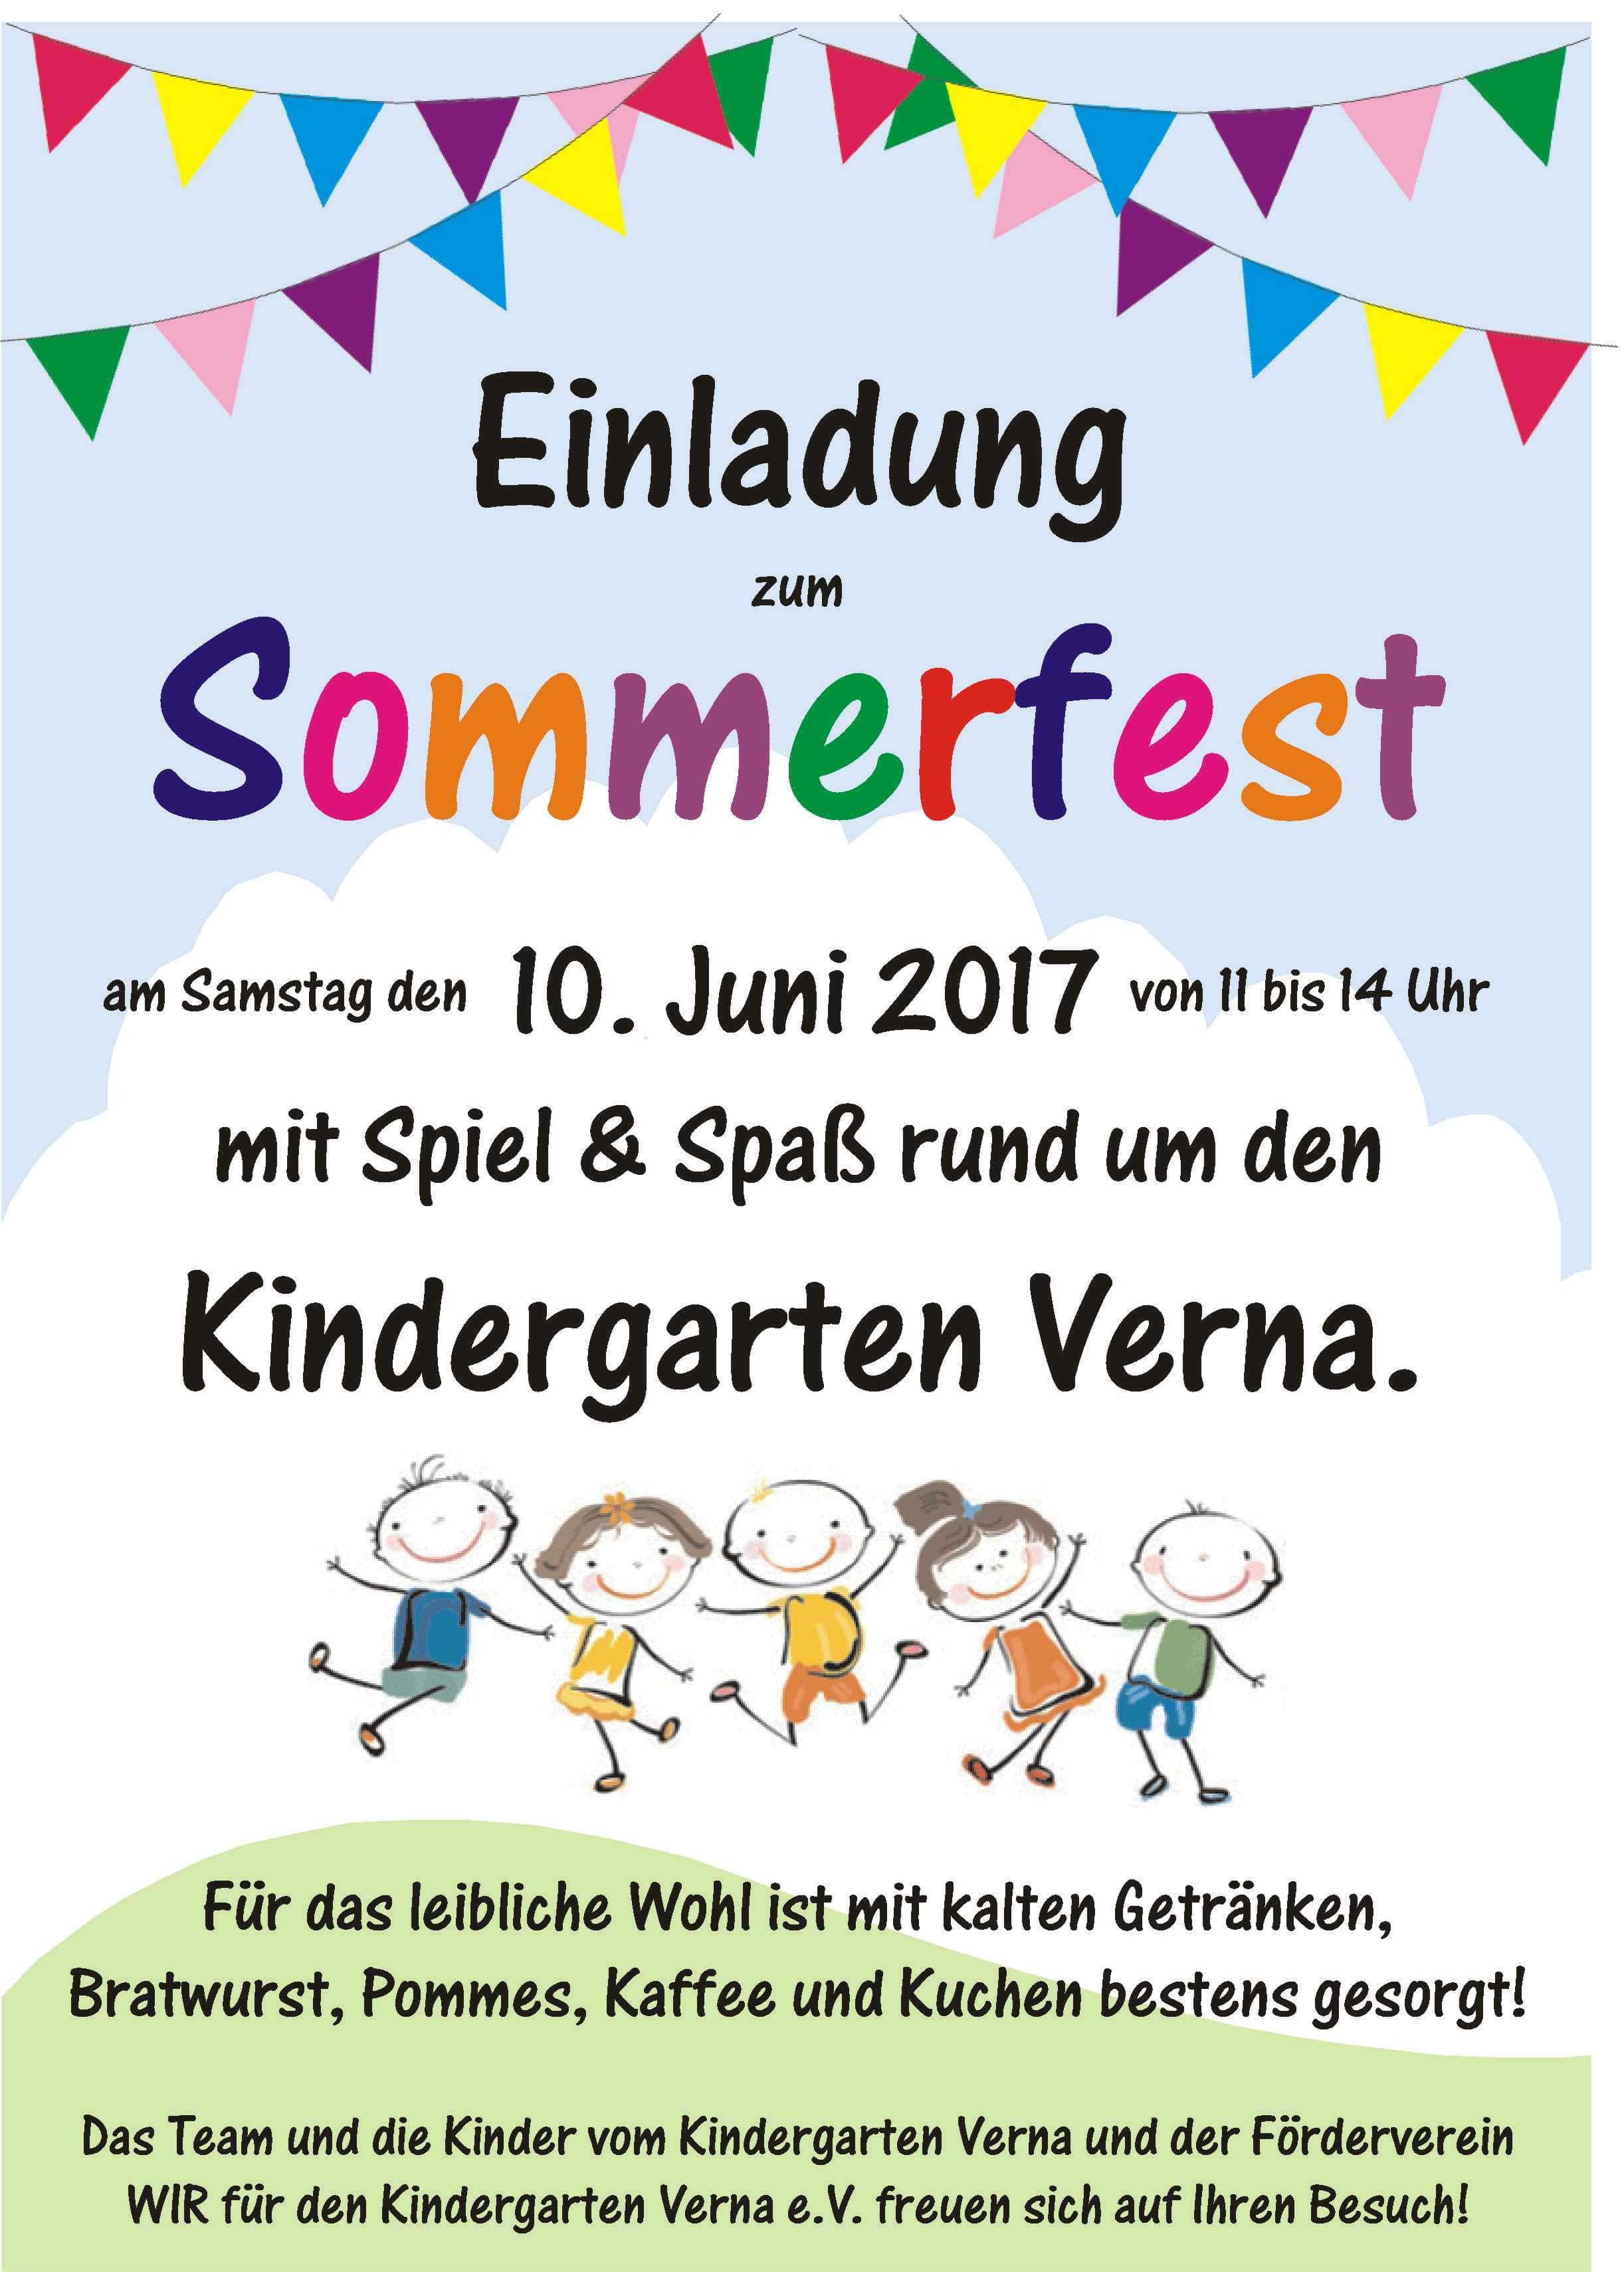 Einladung Sommerfest Kindergarten – thegirlsroom.co